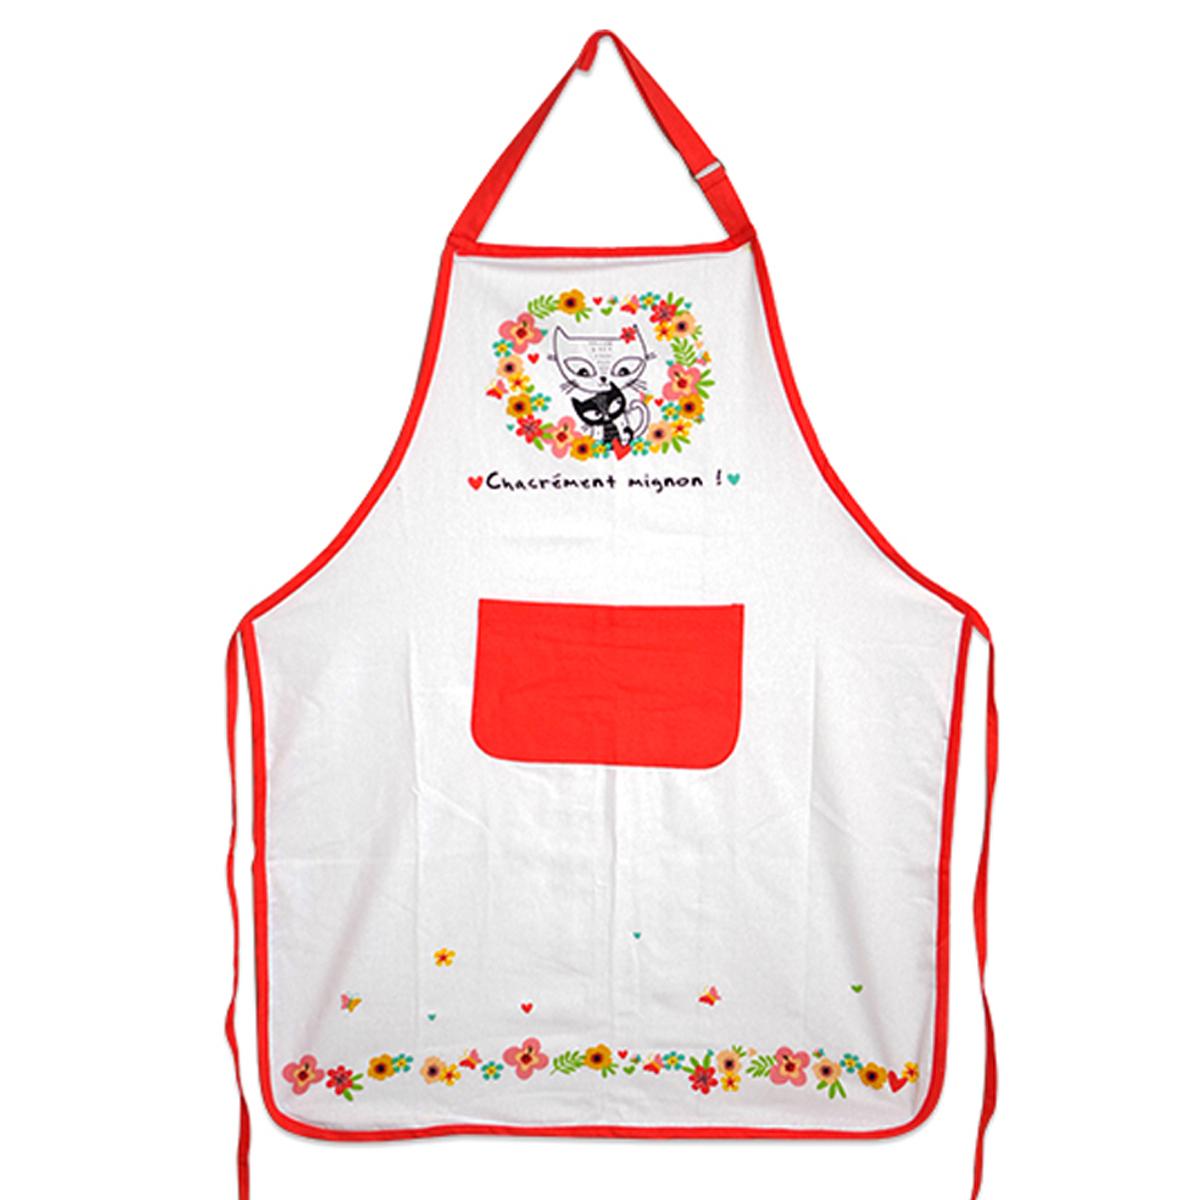 Tablier de cuisine coton \'Chats\' blanc multicolore (Chacrément mignon !) - 90x70 cm - [A2439]